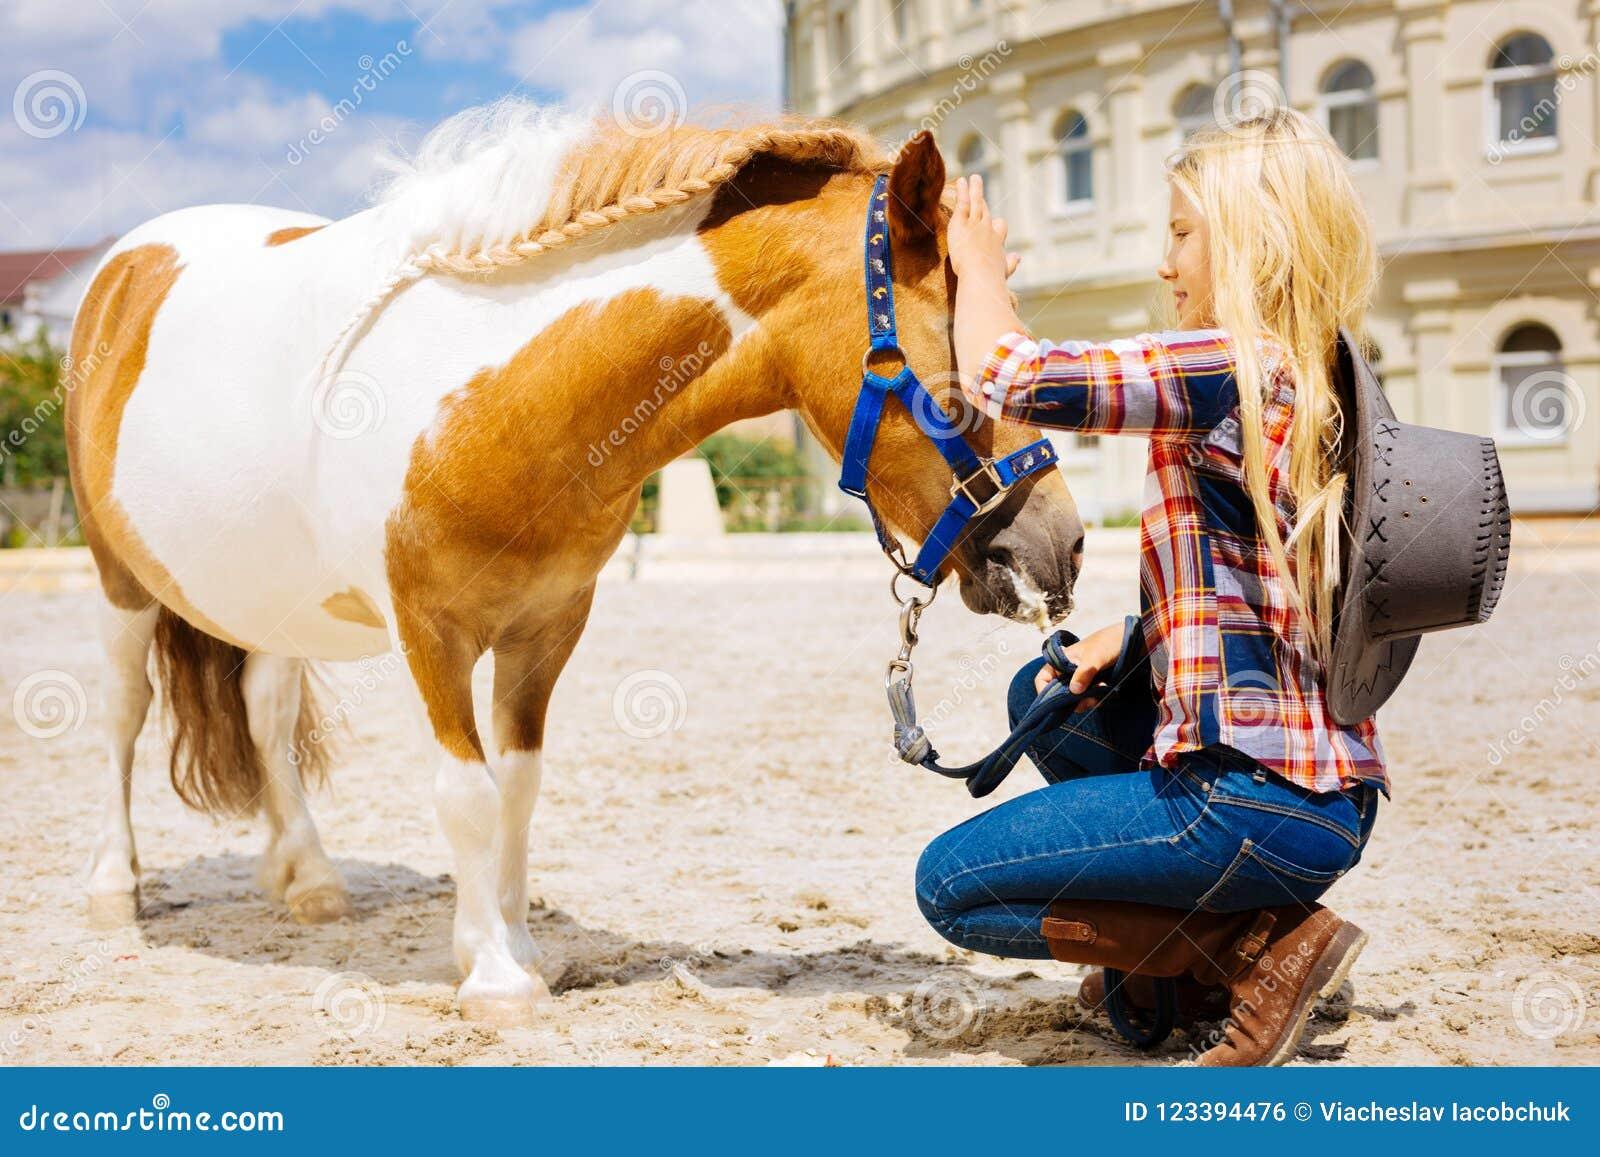 戴时髦的帽子的牛仔女孩来到小的逗人喜爱的马